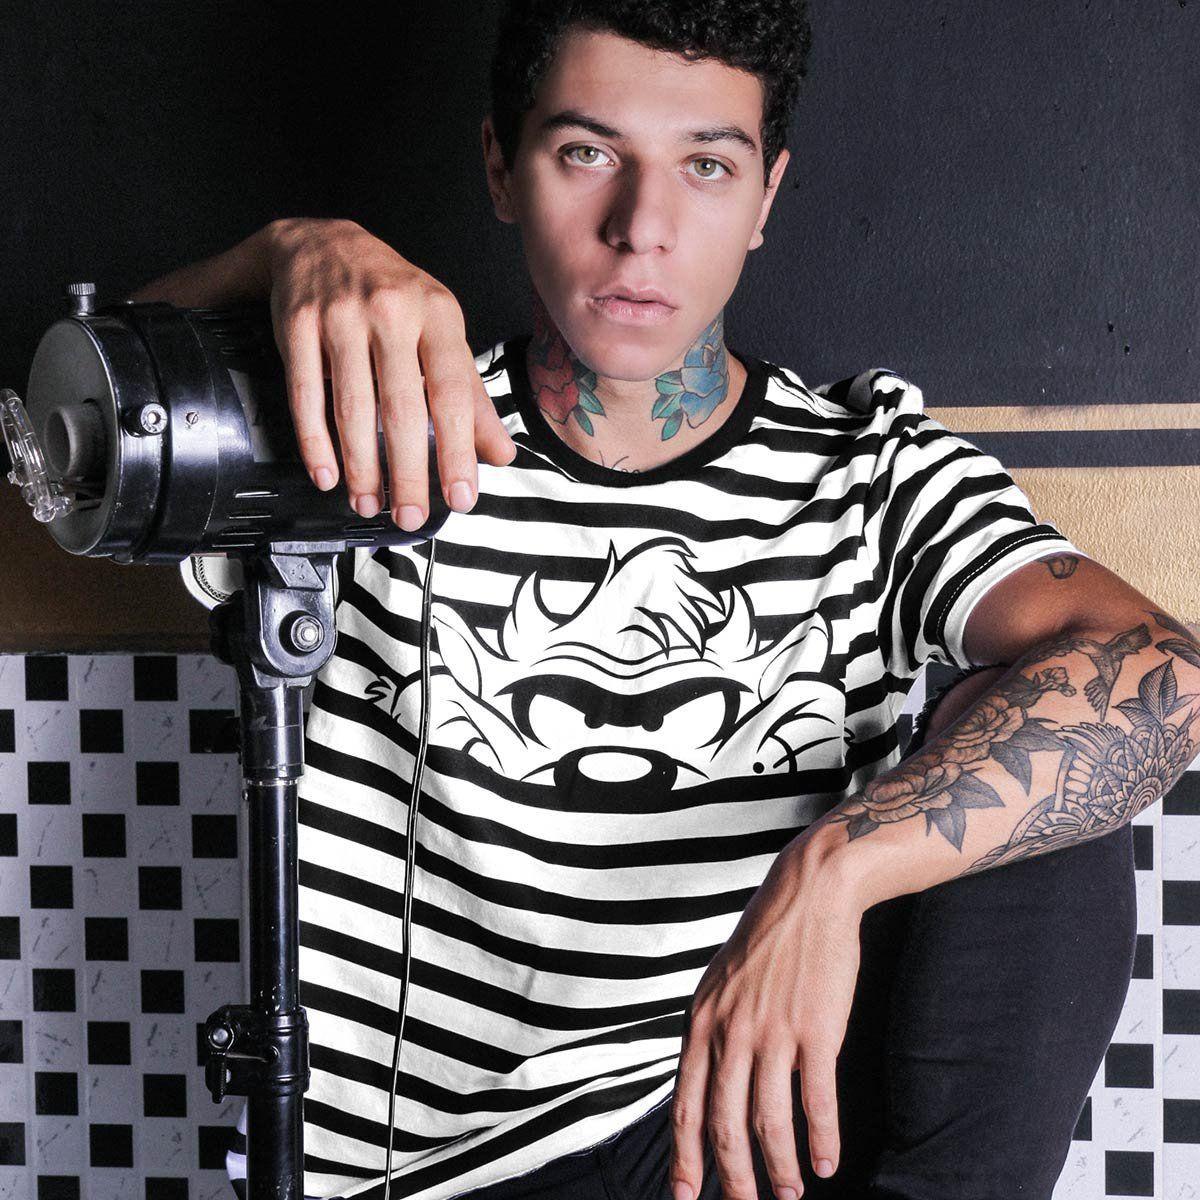 Camiseta Masculina Taz Tracing  - bandUP Store Marketplace